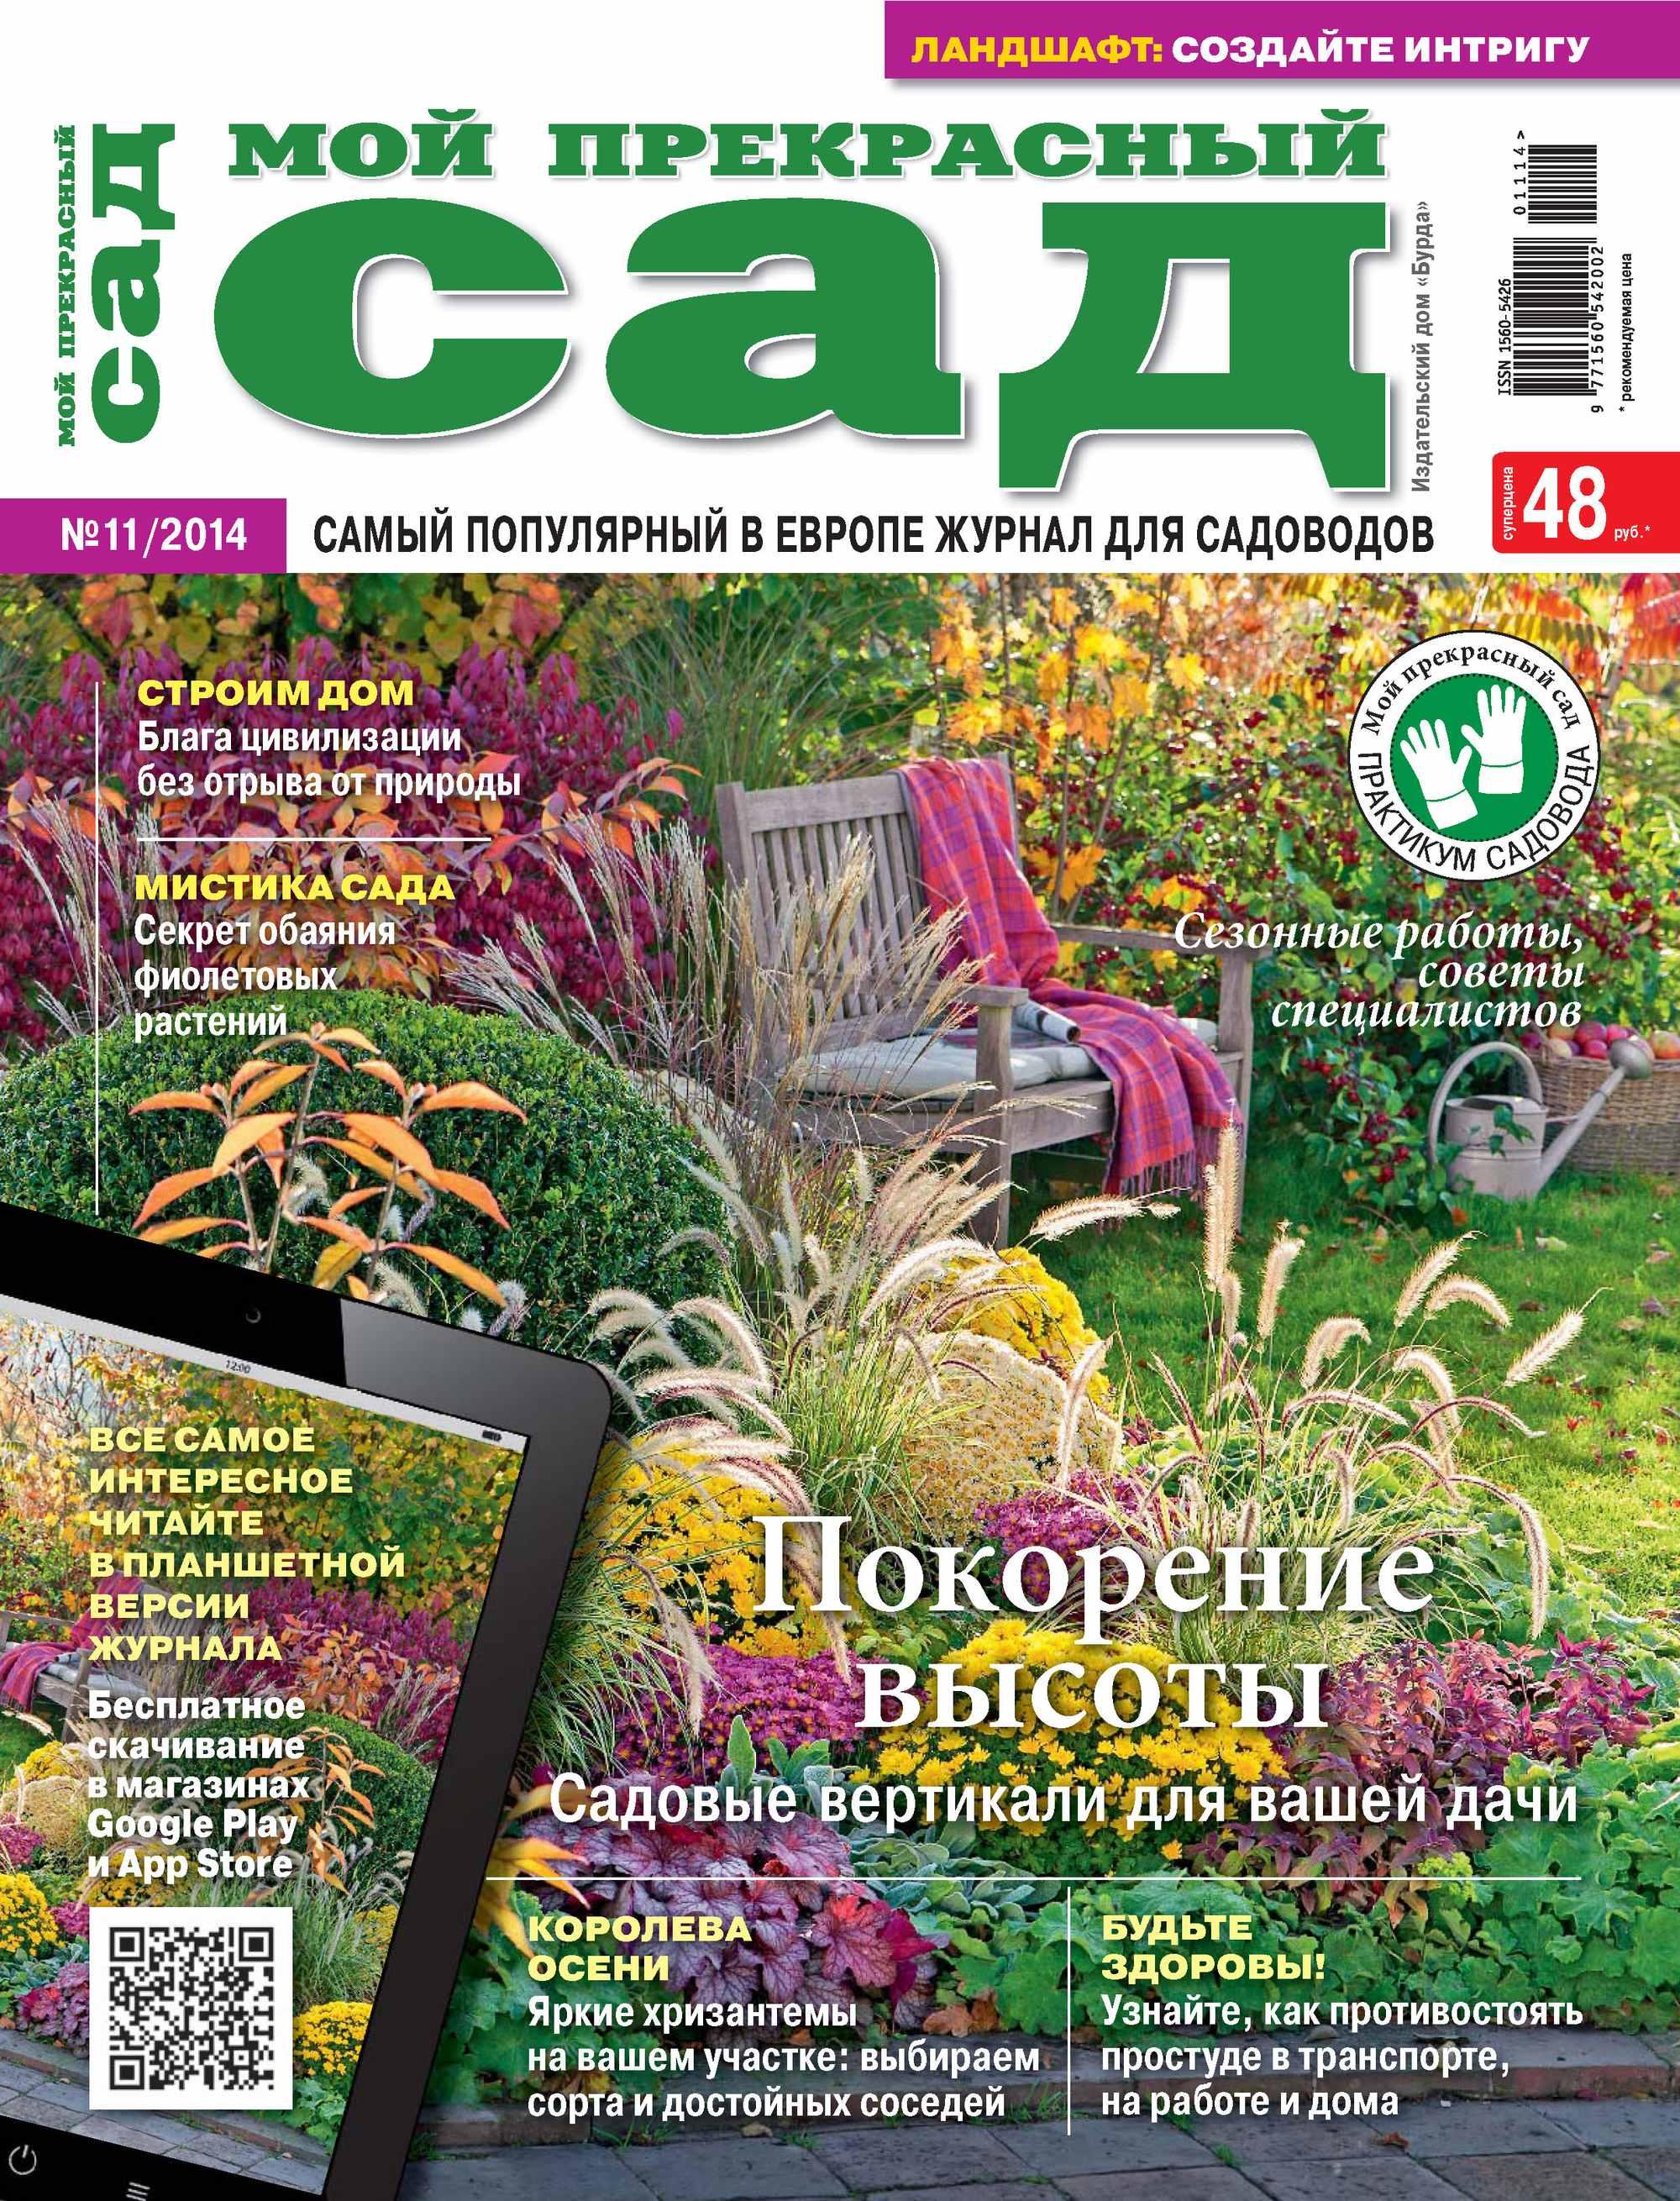 ИД «Бурда» Мой прекрасный сад №11/2014 ид бурда мой прекрасный сад 12 2014